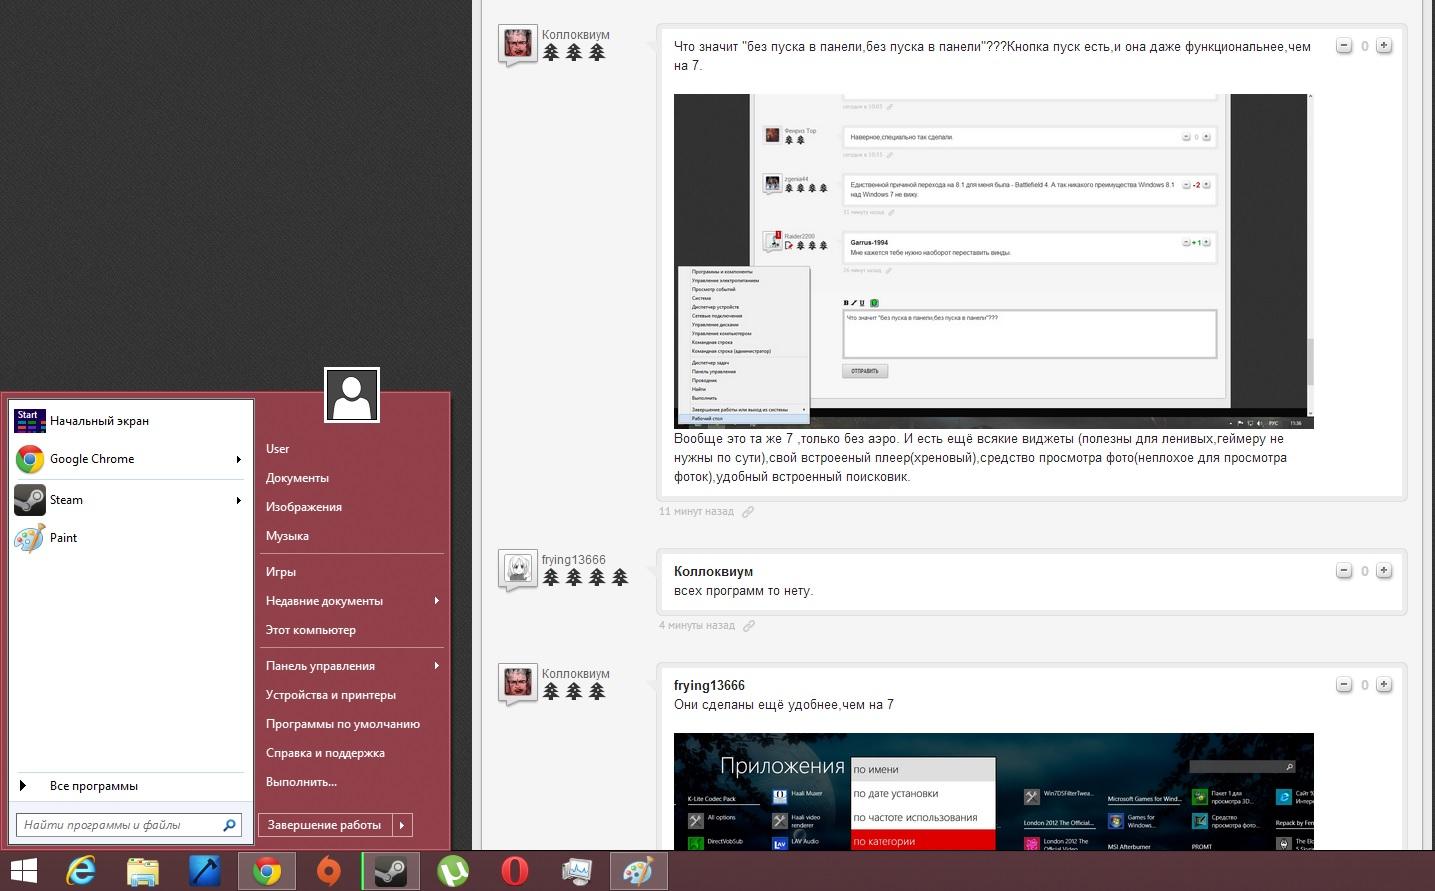 Как в windows 10 сделать просмотр фотографий windows по умолчанию